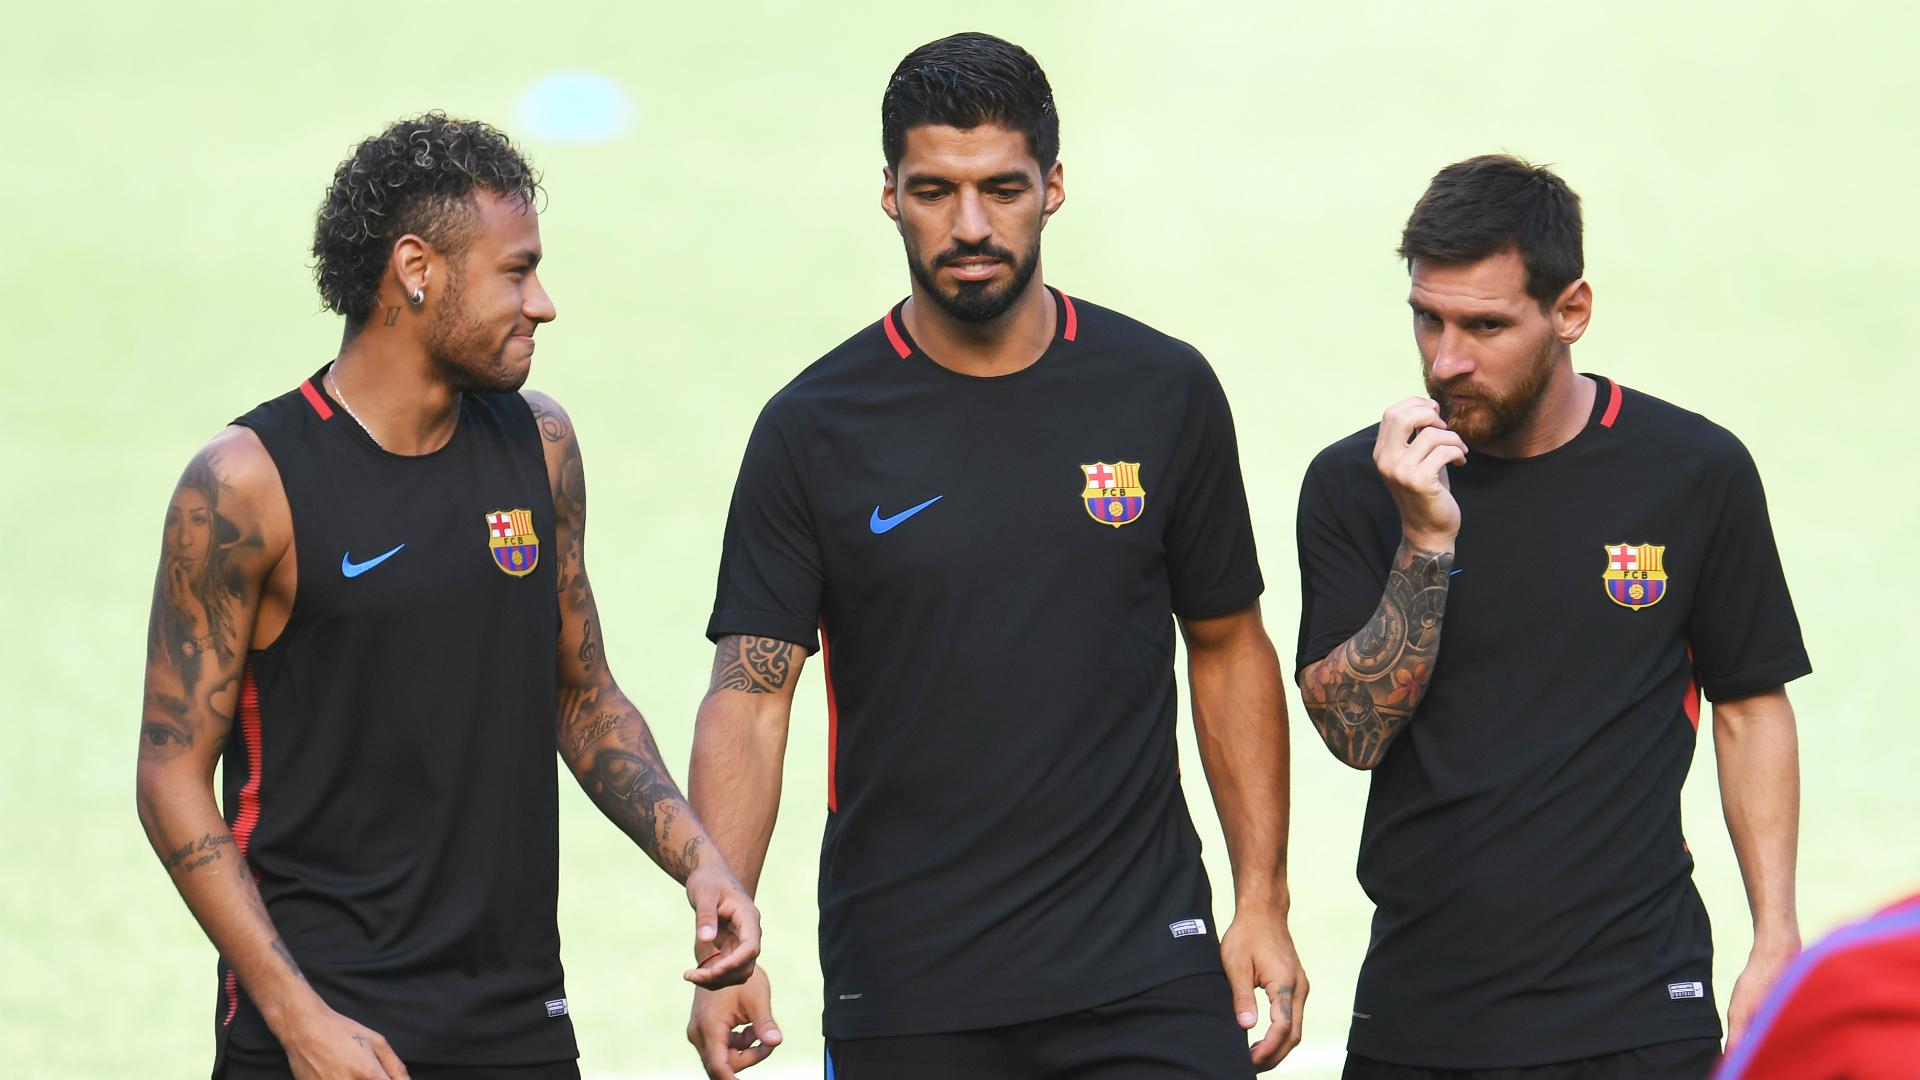 Mercato - Feuilleton Neymar : ce qu'en pensent les joueurs du PSG, du Barça et du Real Madrid